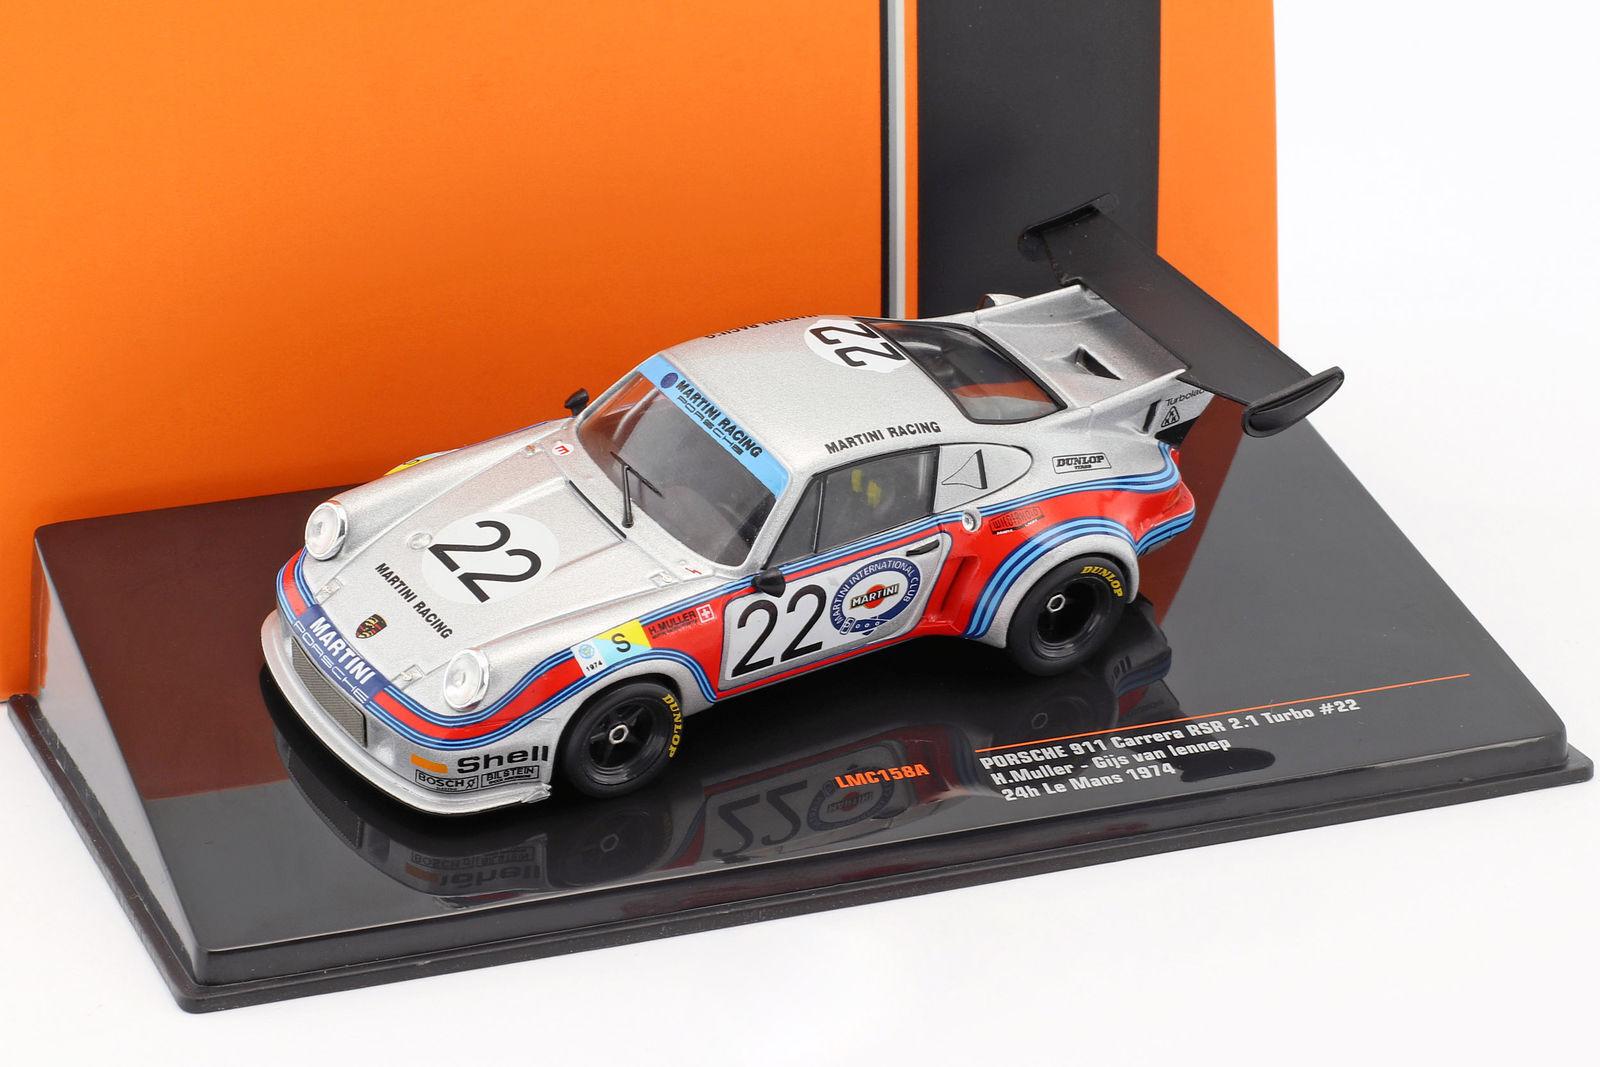 Porsche 911 Carrera RSR 2.1 Turbo Le Mans 1974 n° 22 Martini 1 43 IXO LMC158